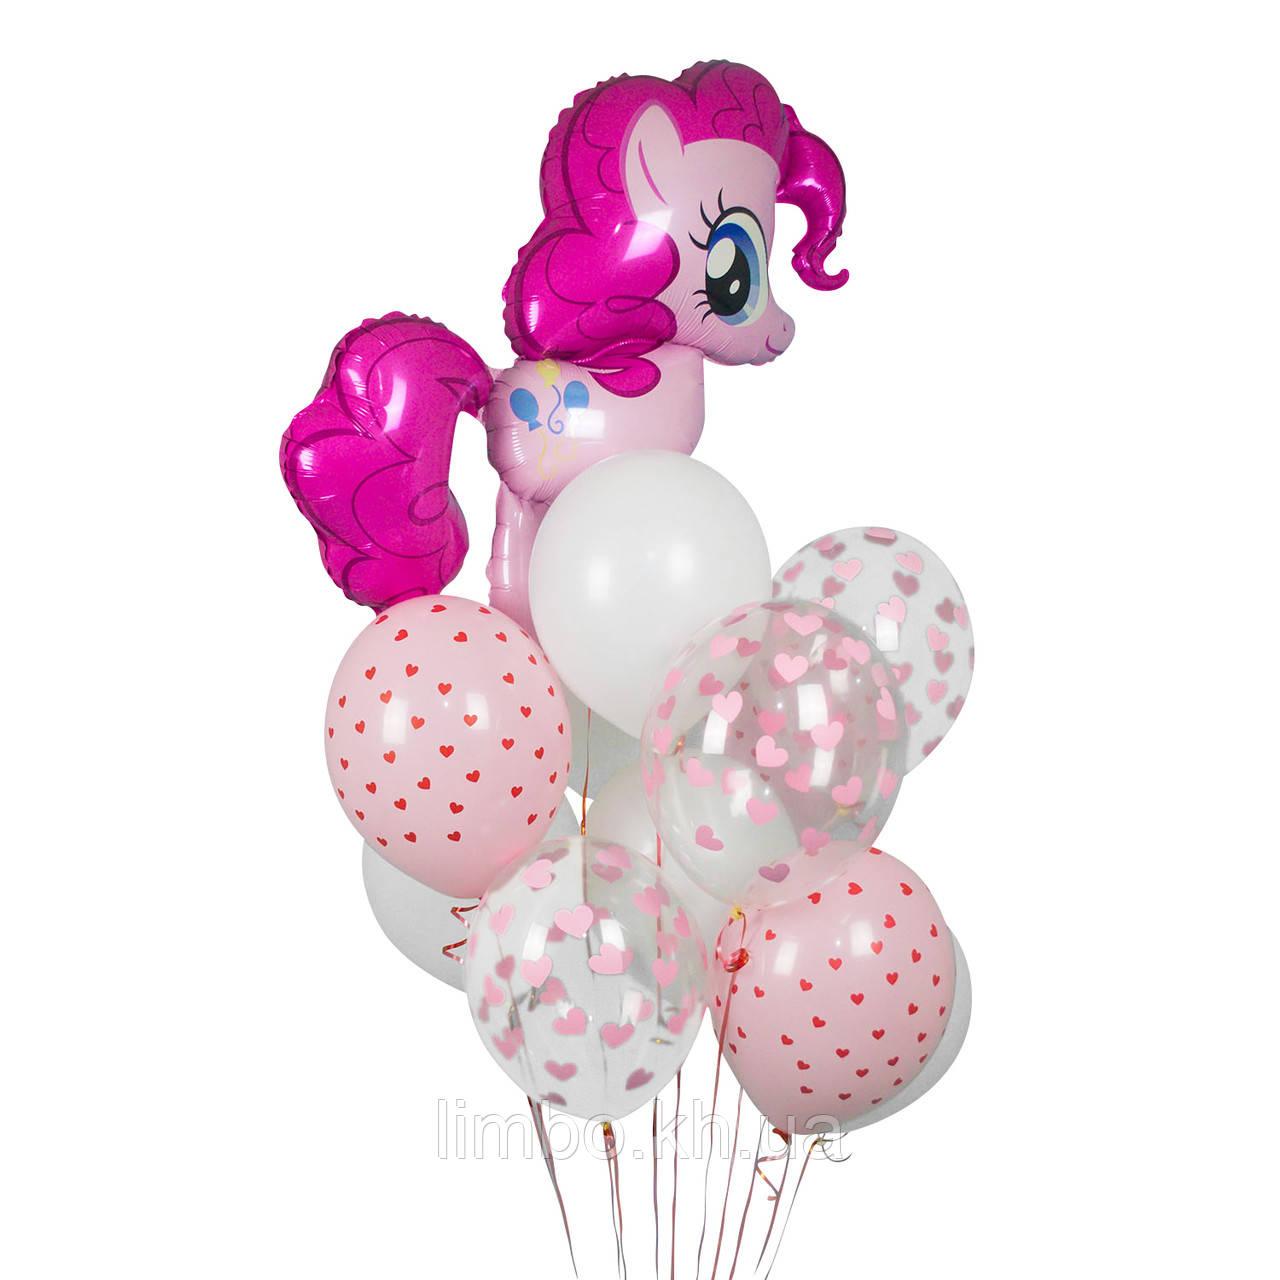 Розовые шарики на день рождения с фигурой  Пинки Пай